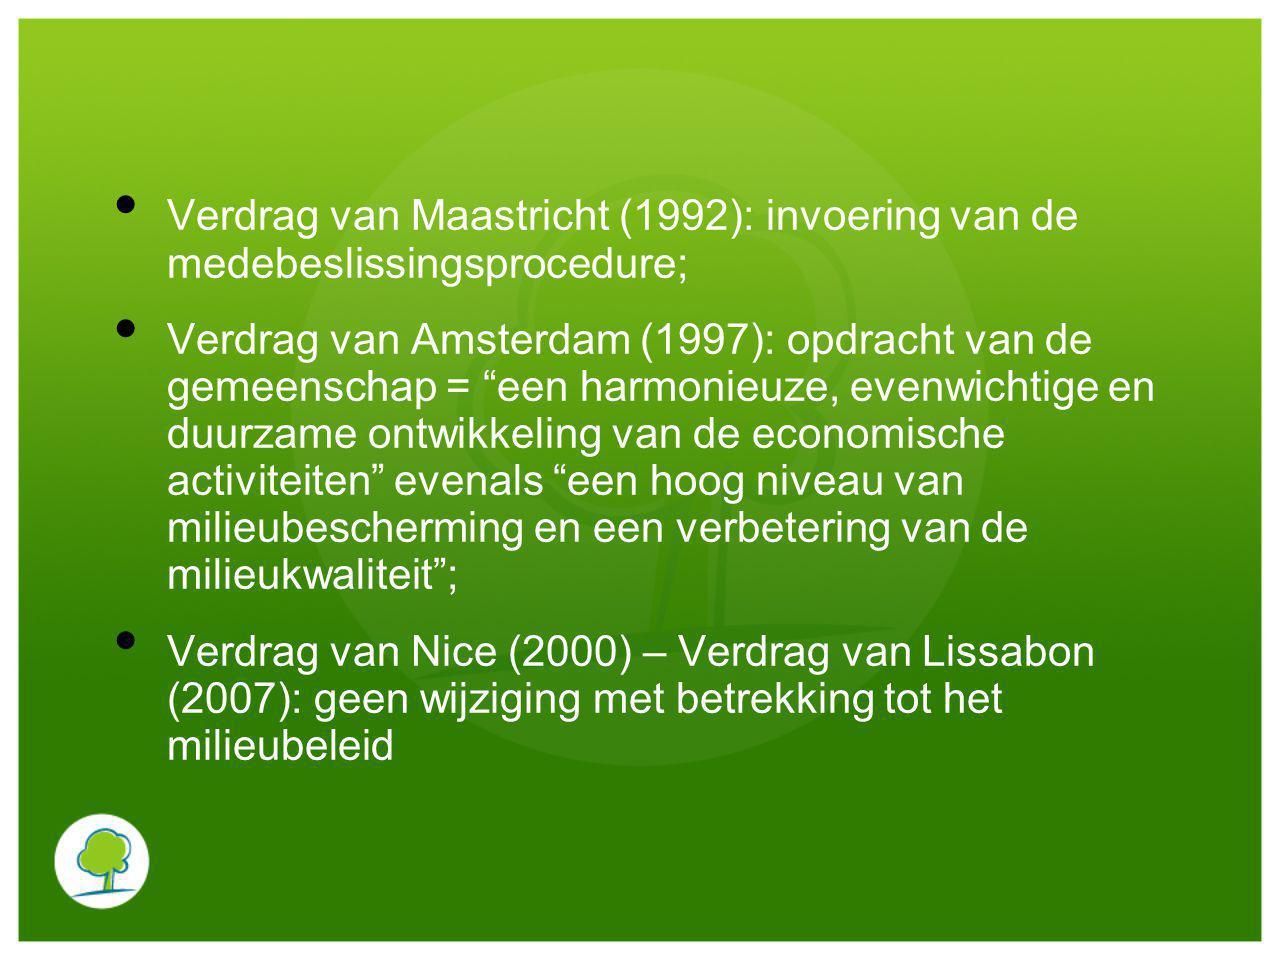 """Verdrag van Maastricht (1992): invoering van de medebeslissingsprocedure; Verdrag van Amsterdam (1997): opdracht van de gemeenschap = """"een harmonieuze"""